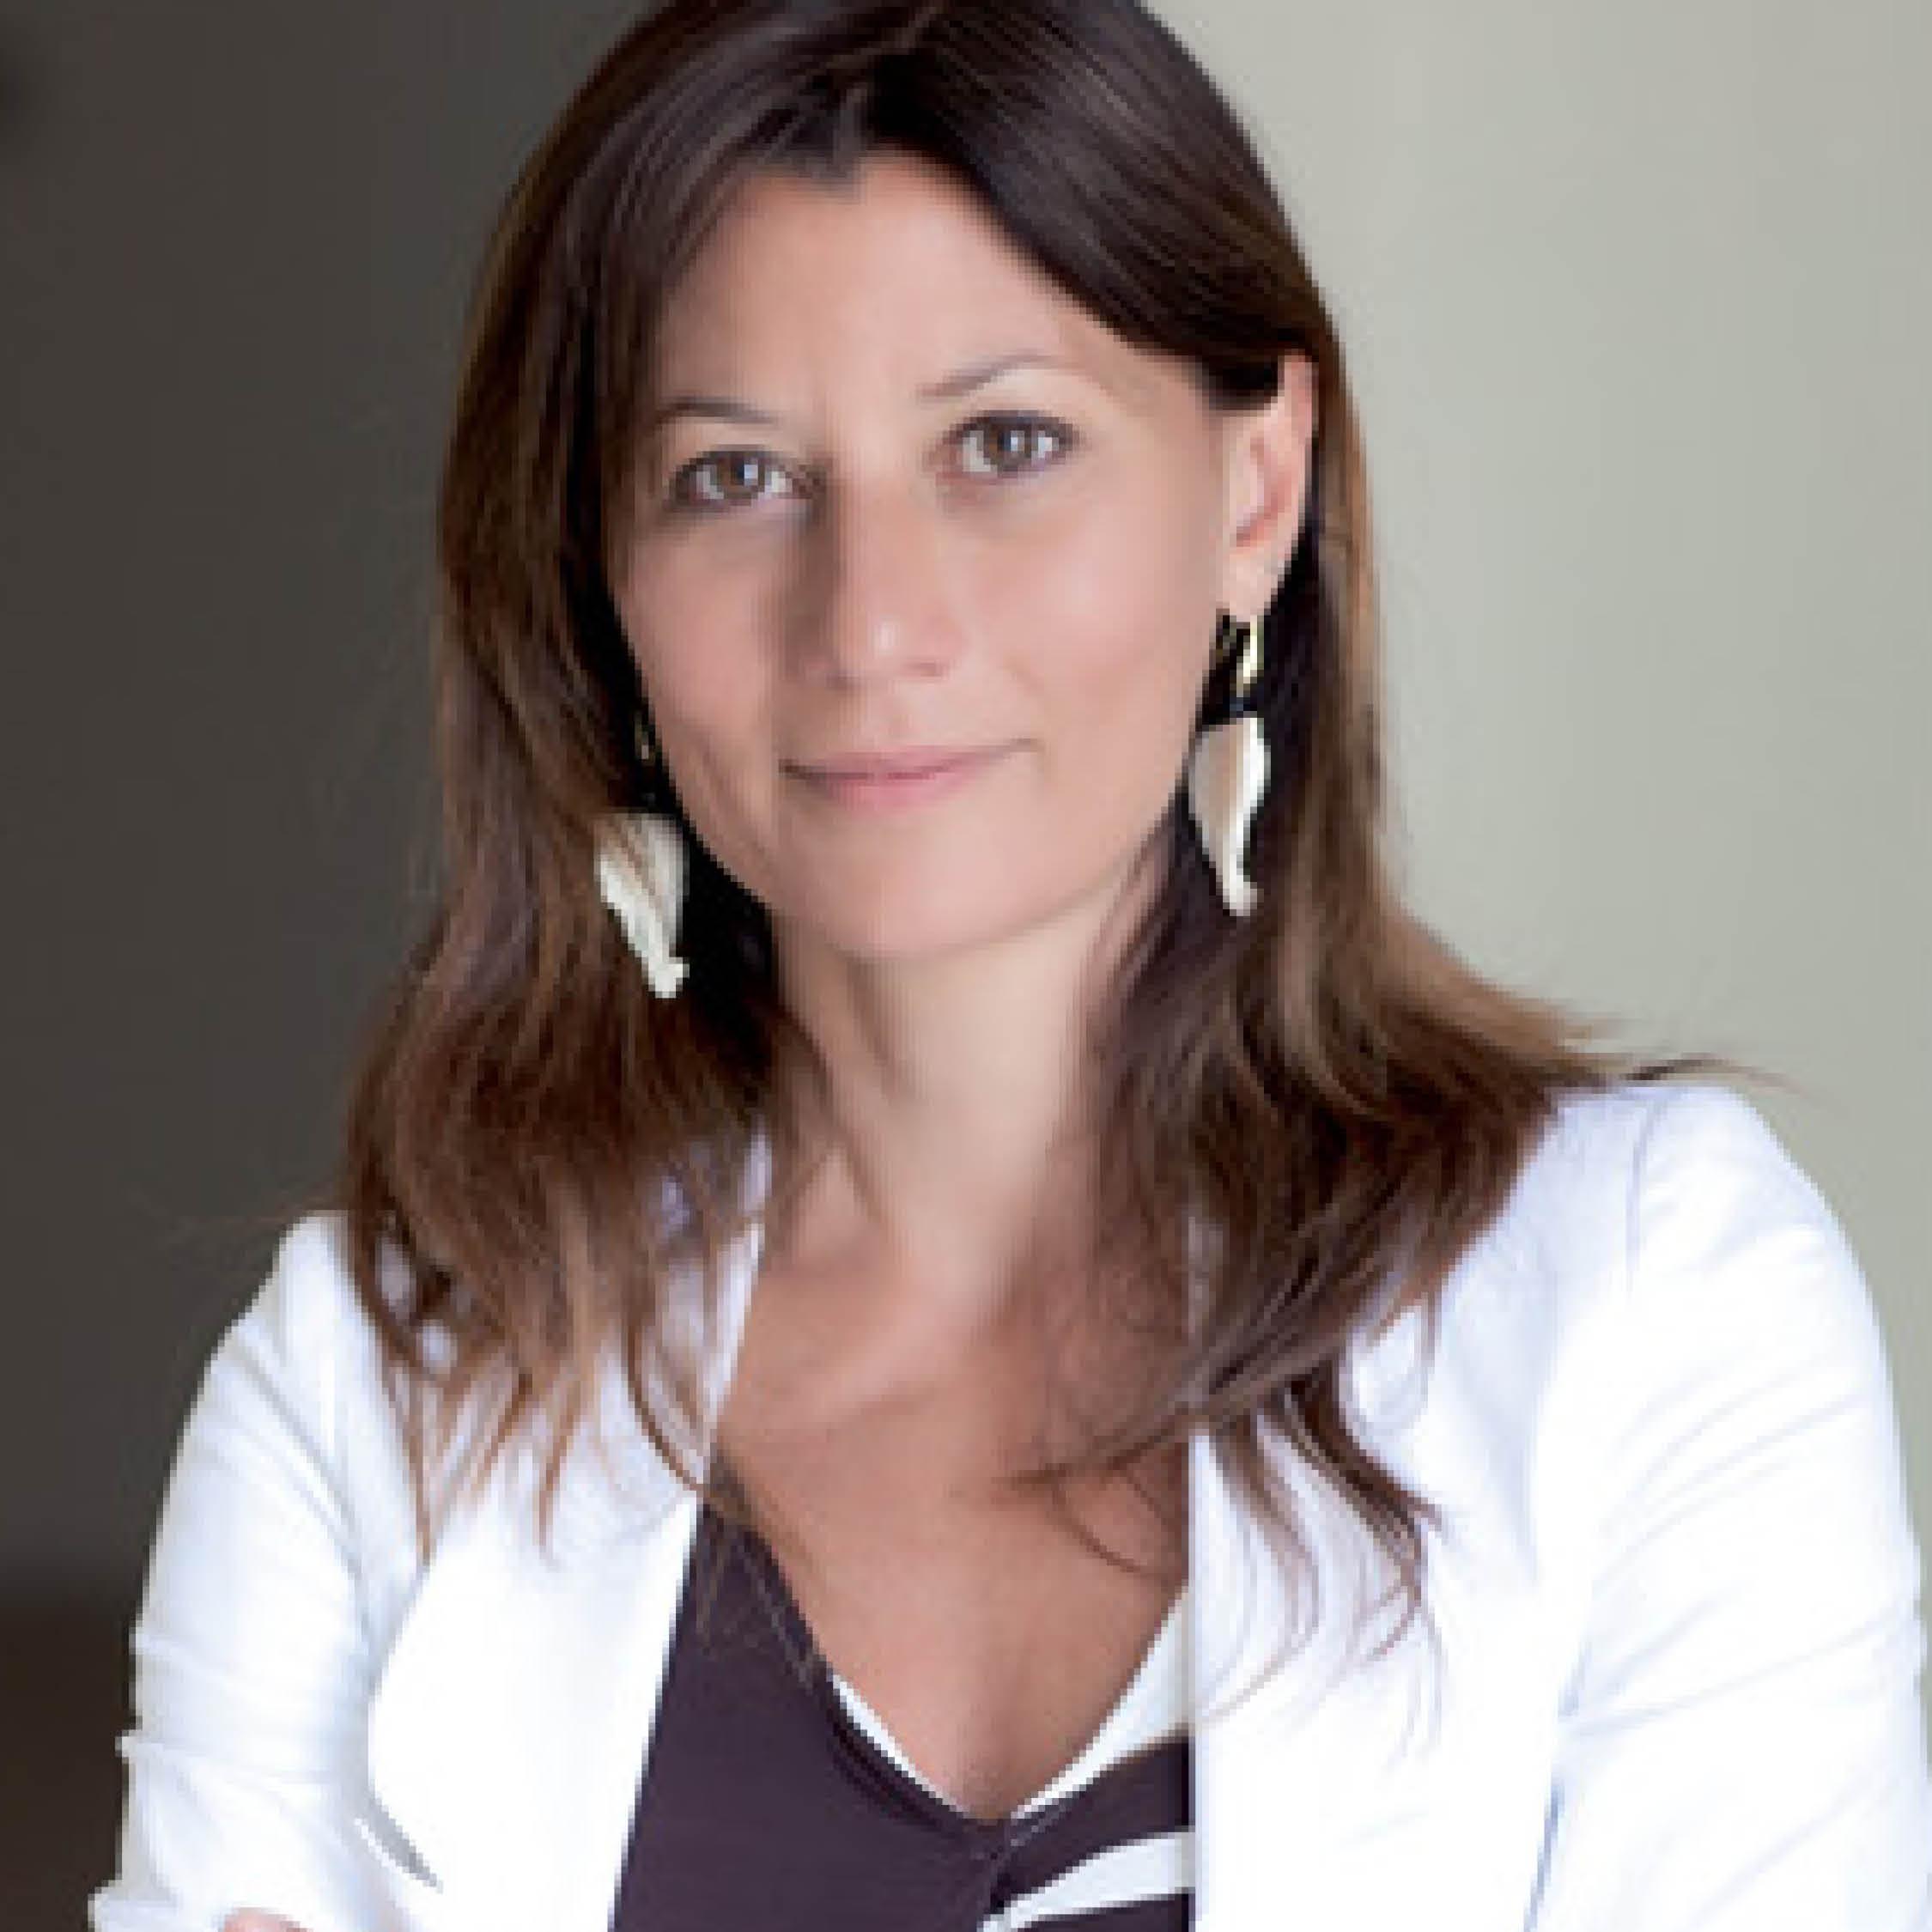 Laura De Chiara |